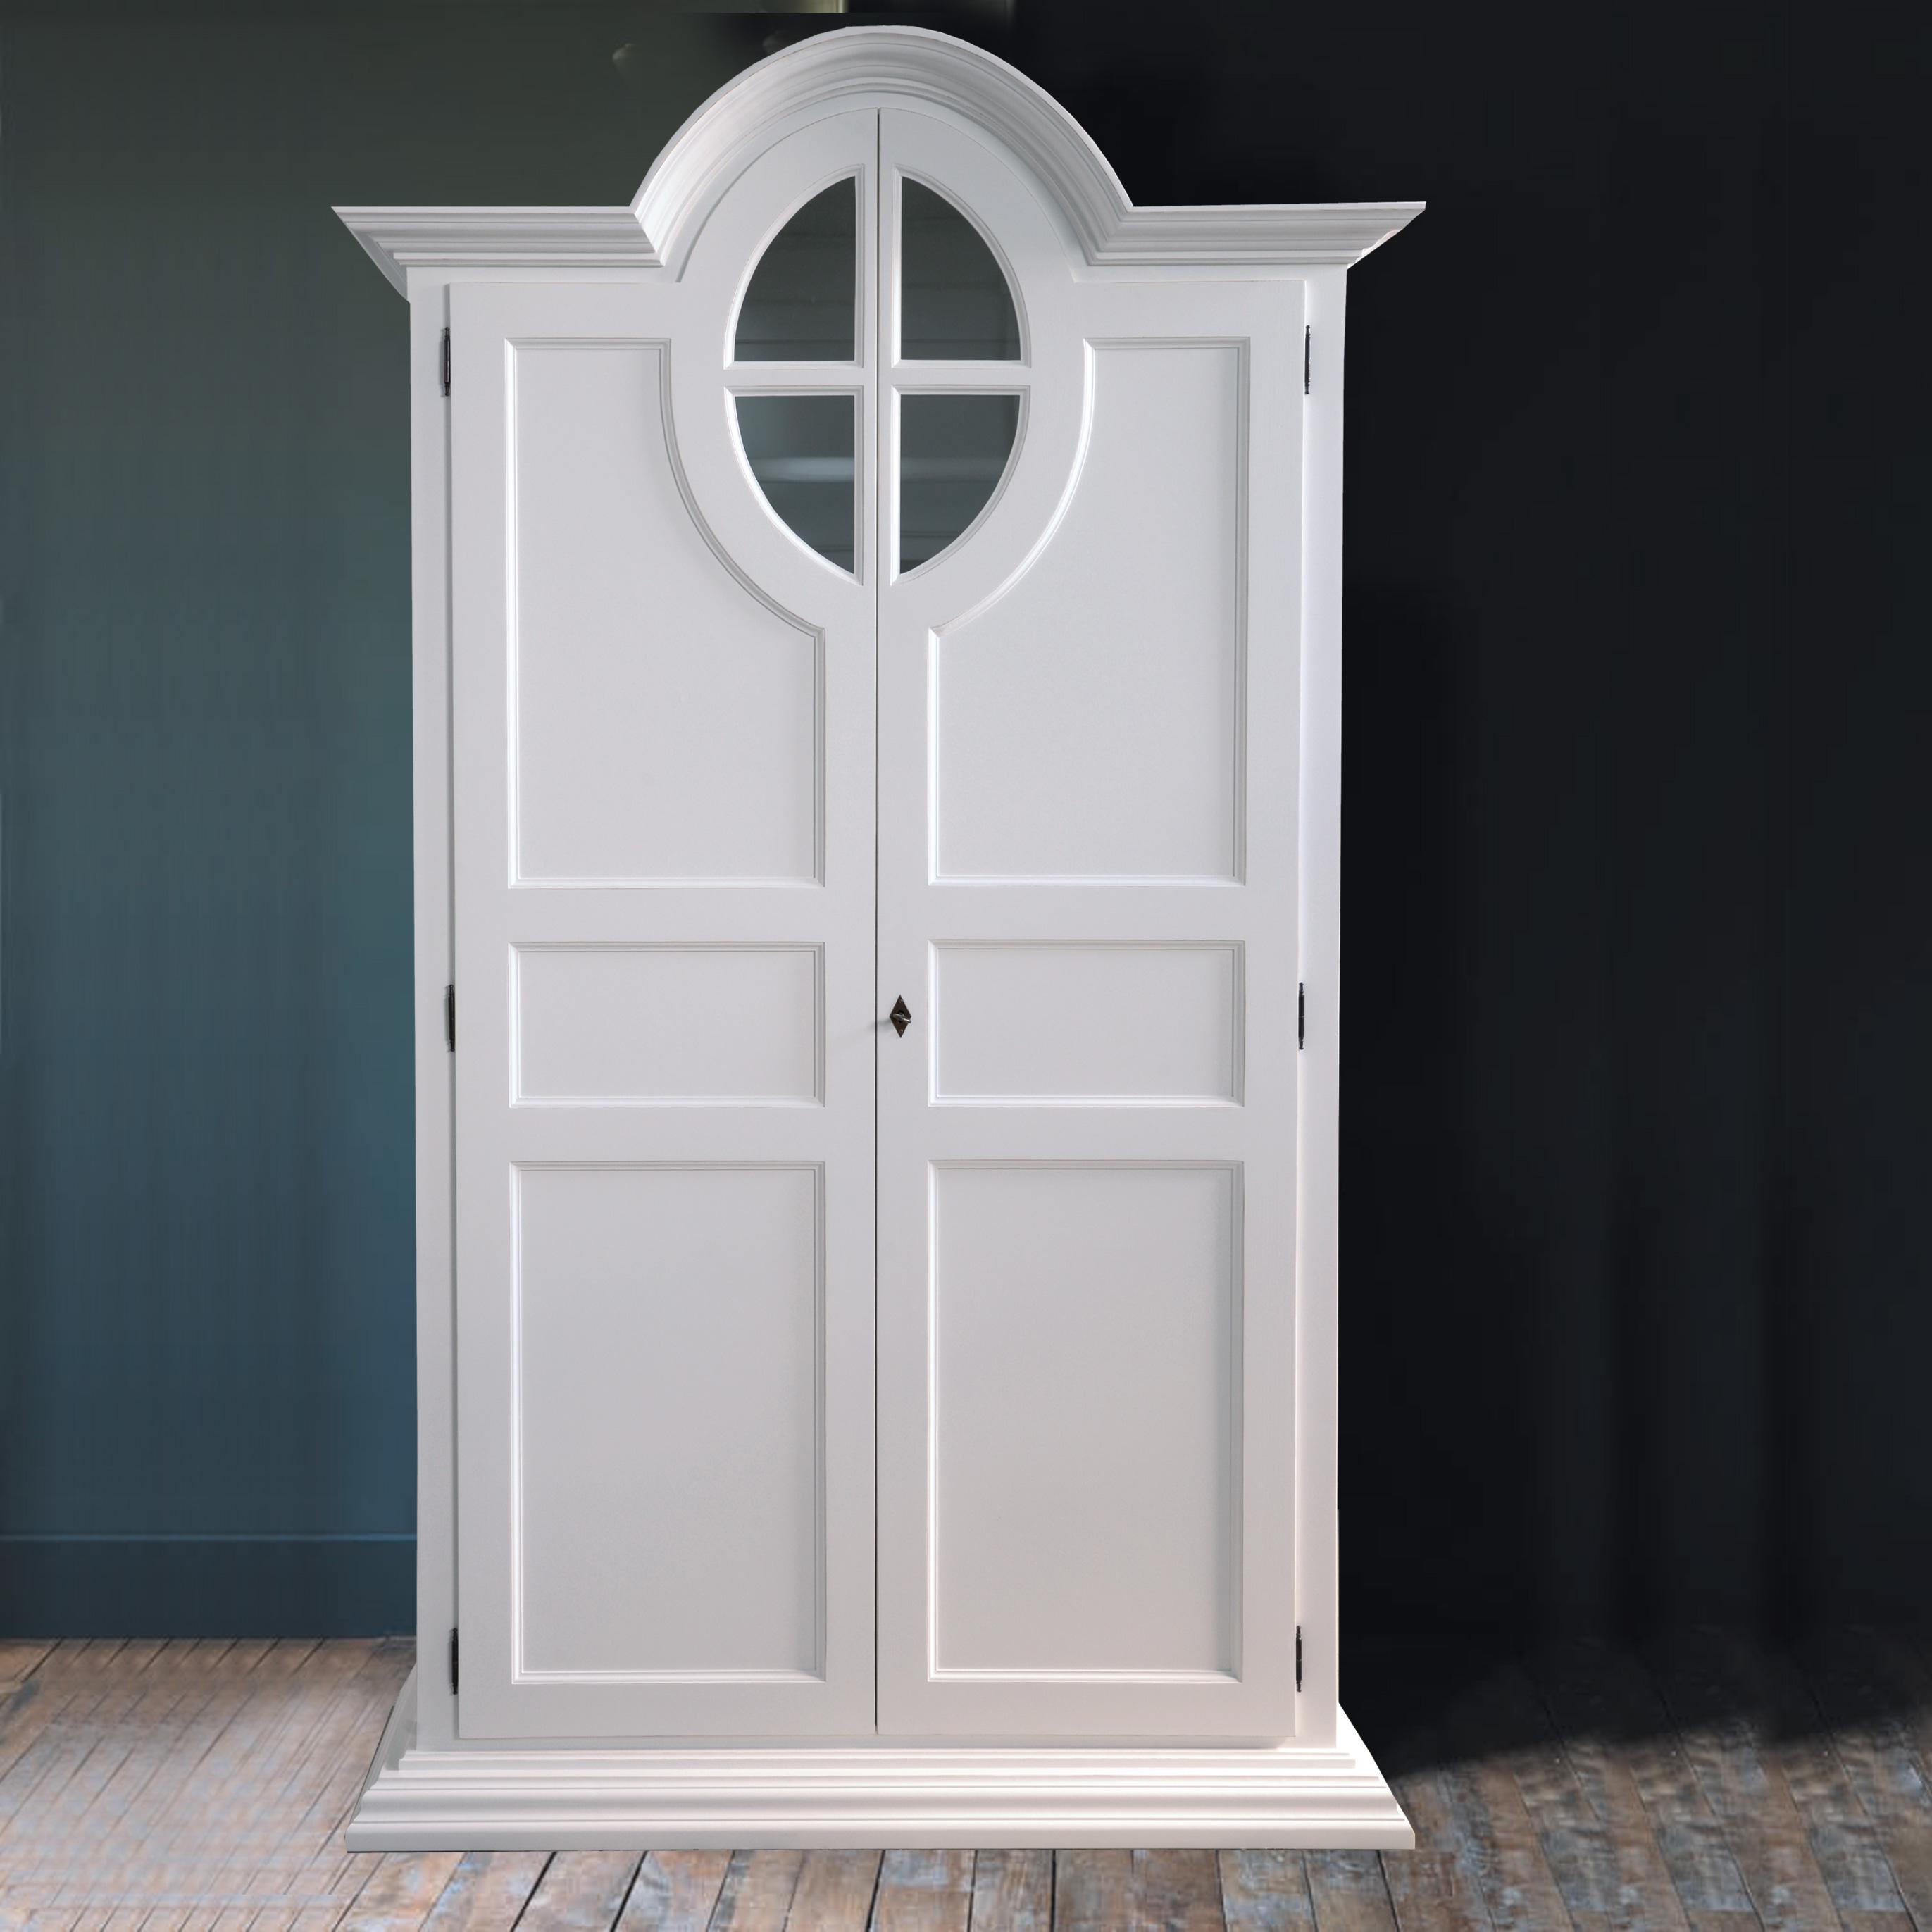 Entzückend Möbel Für Kinderzimmer Beste Wahl Kleiderschrank Anne Aus Pinie In Weiß